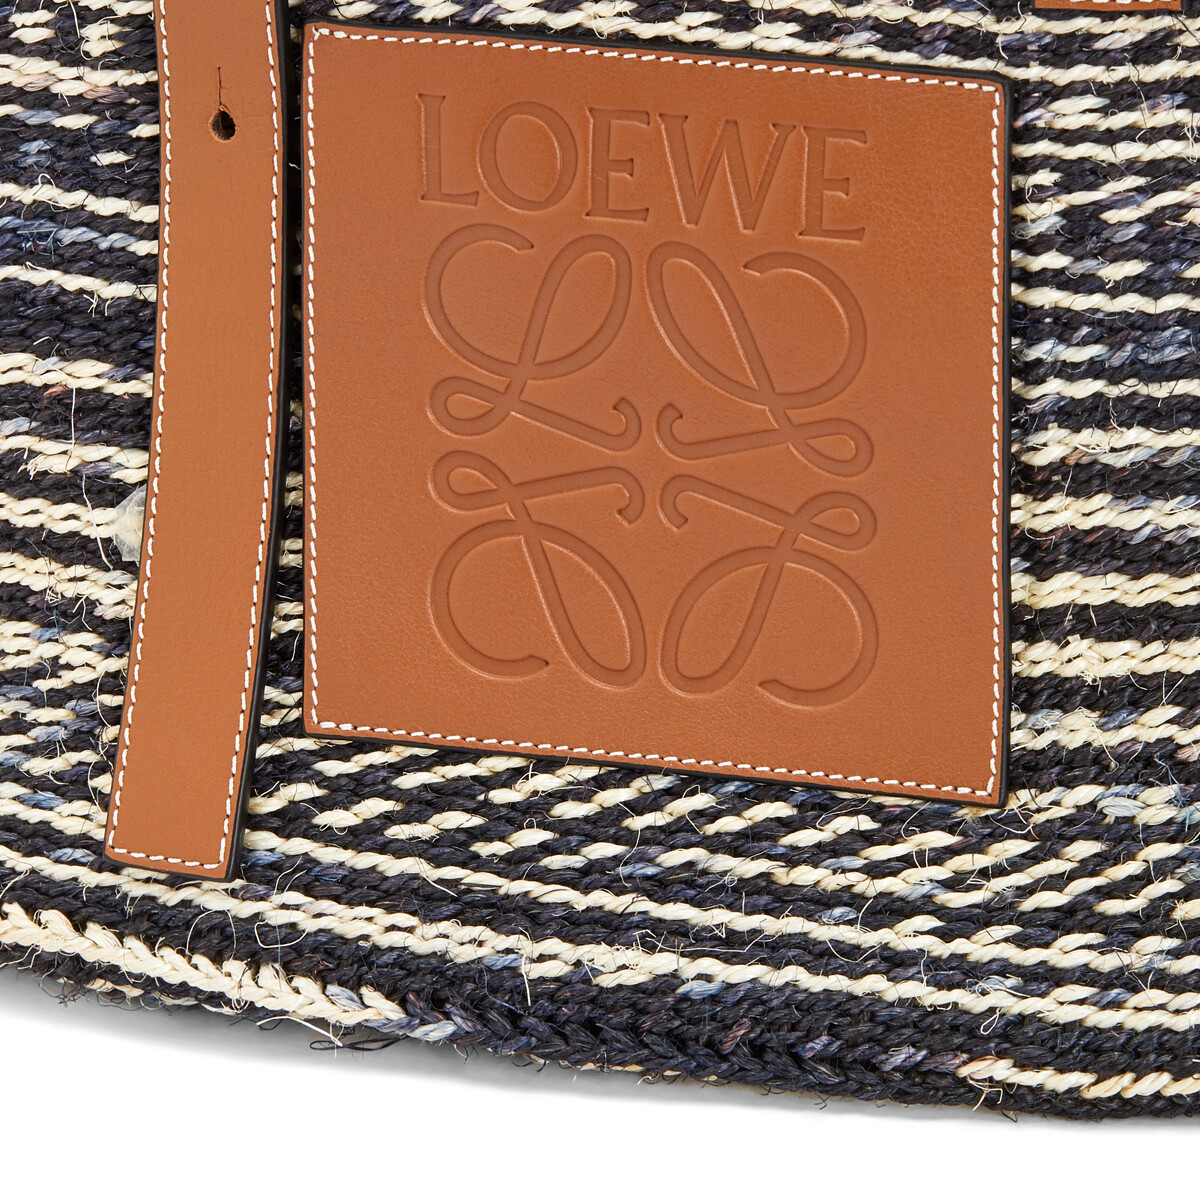 LOEWE Basket Black/Tan front